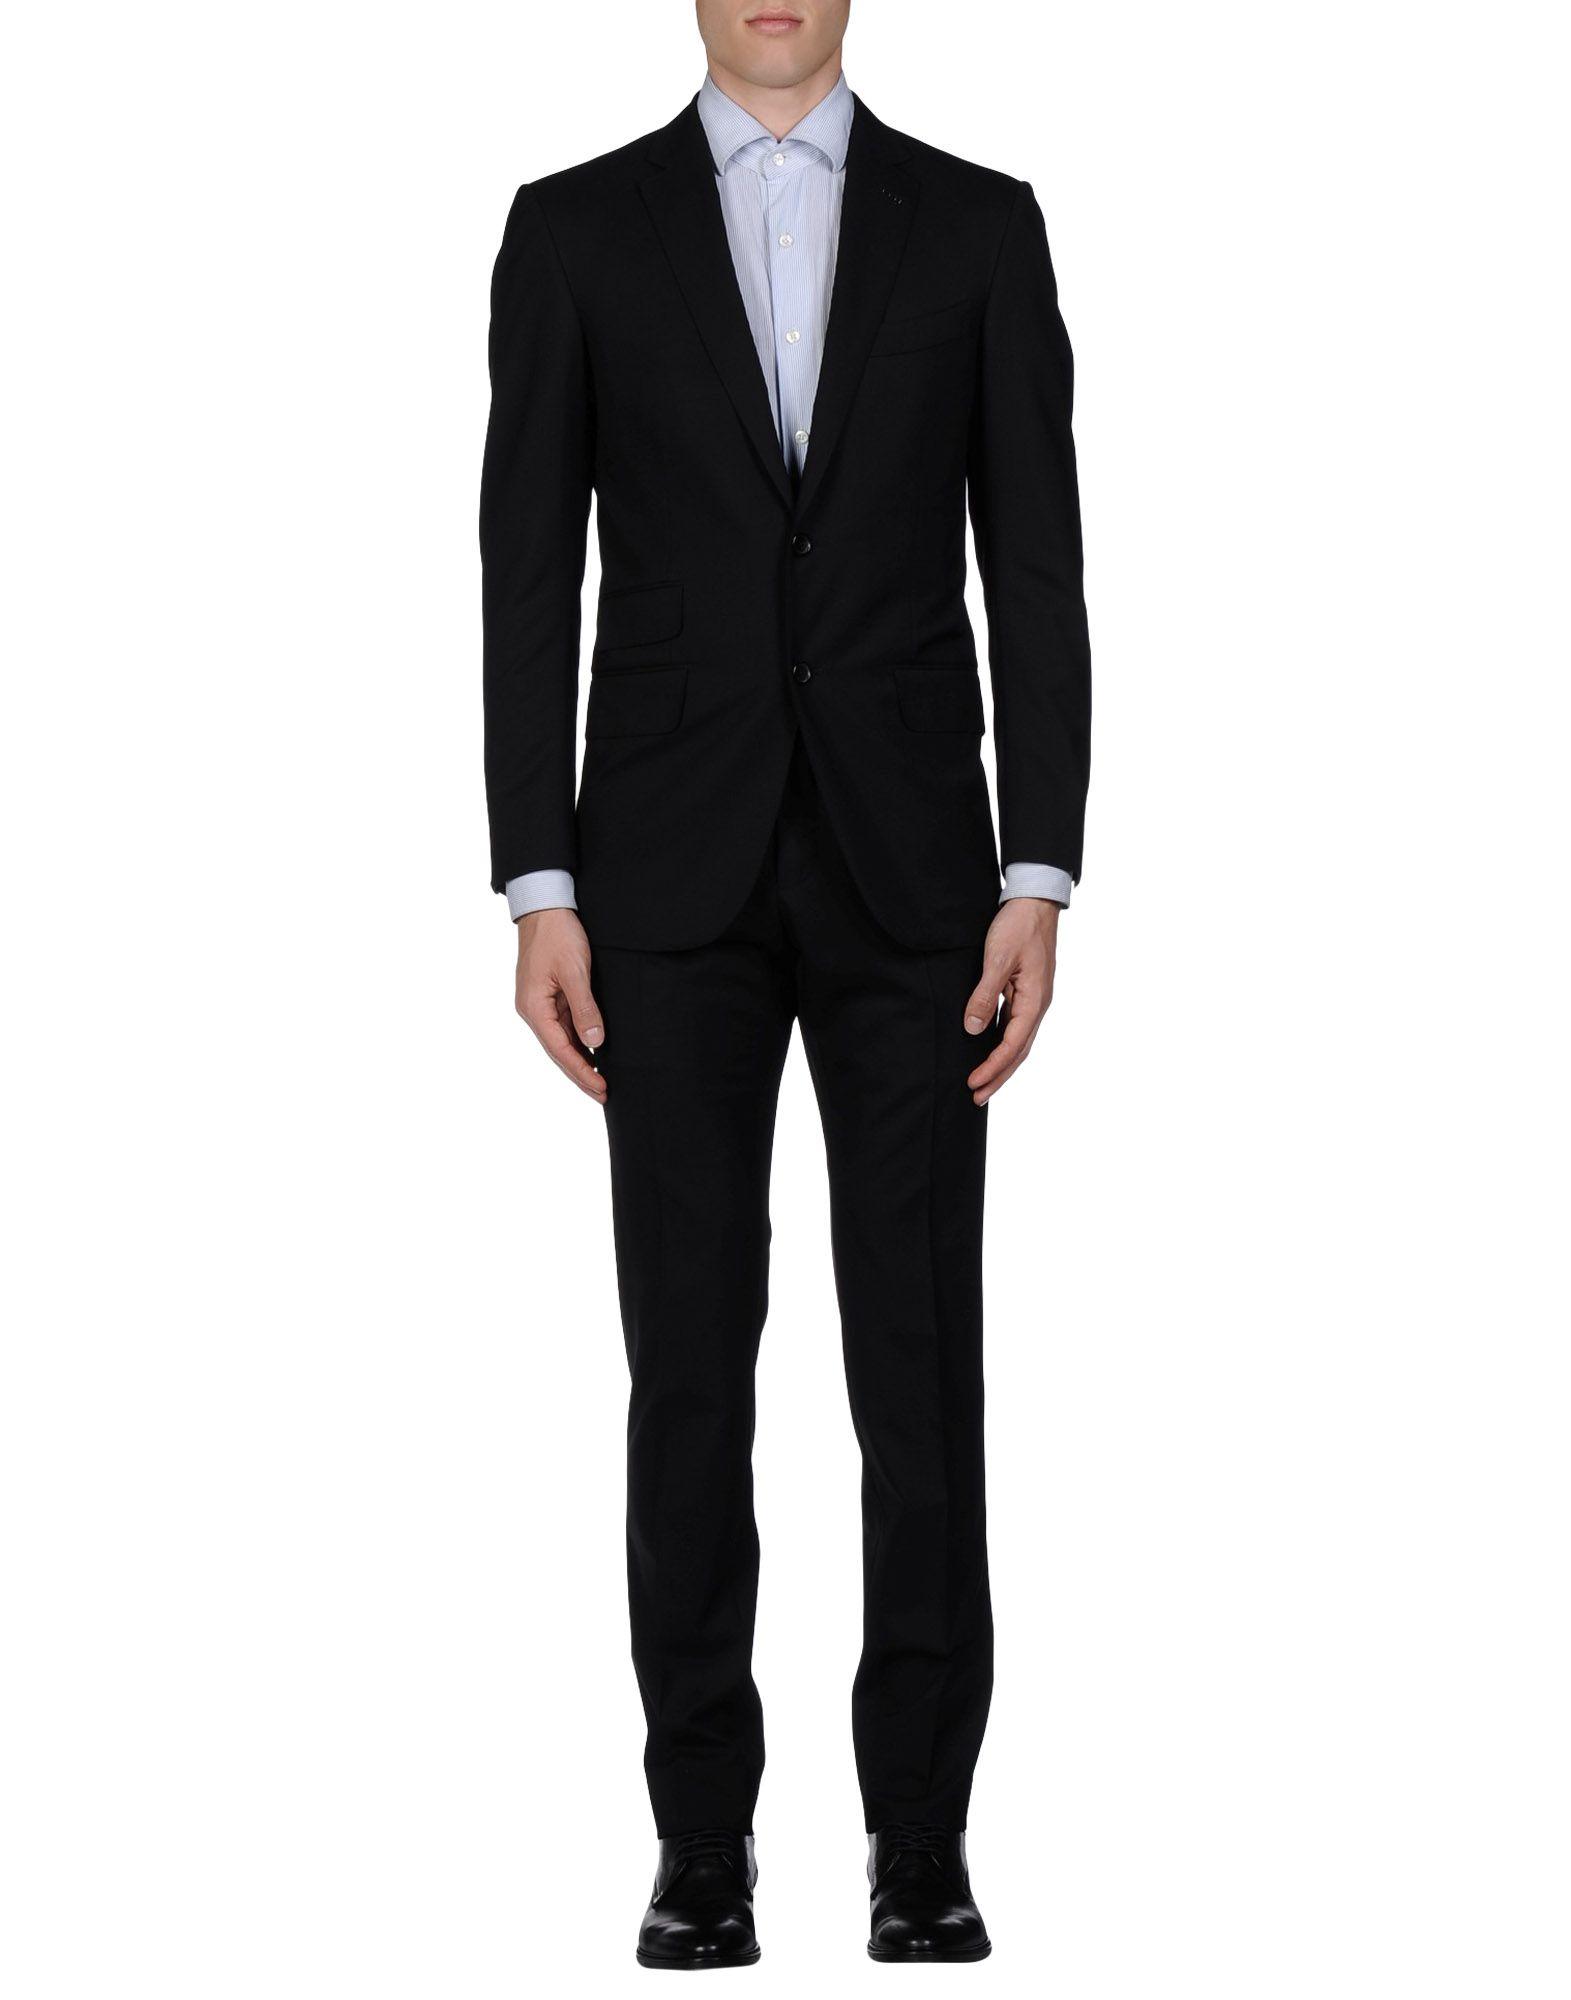 tom ford suit in black for men lyst. Black Bedroom Furniture Sets. Home Design Ideas